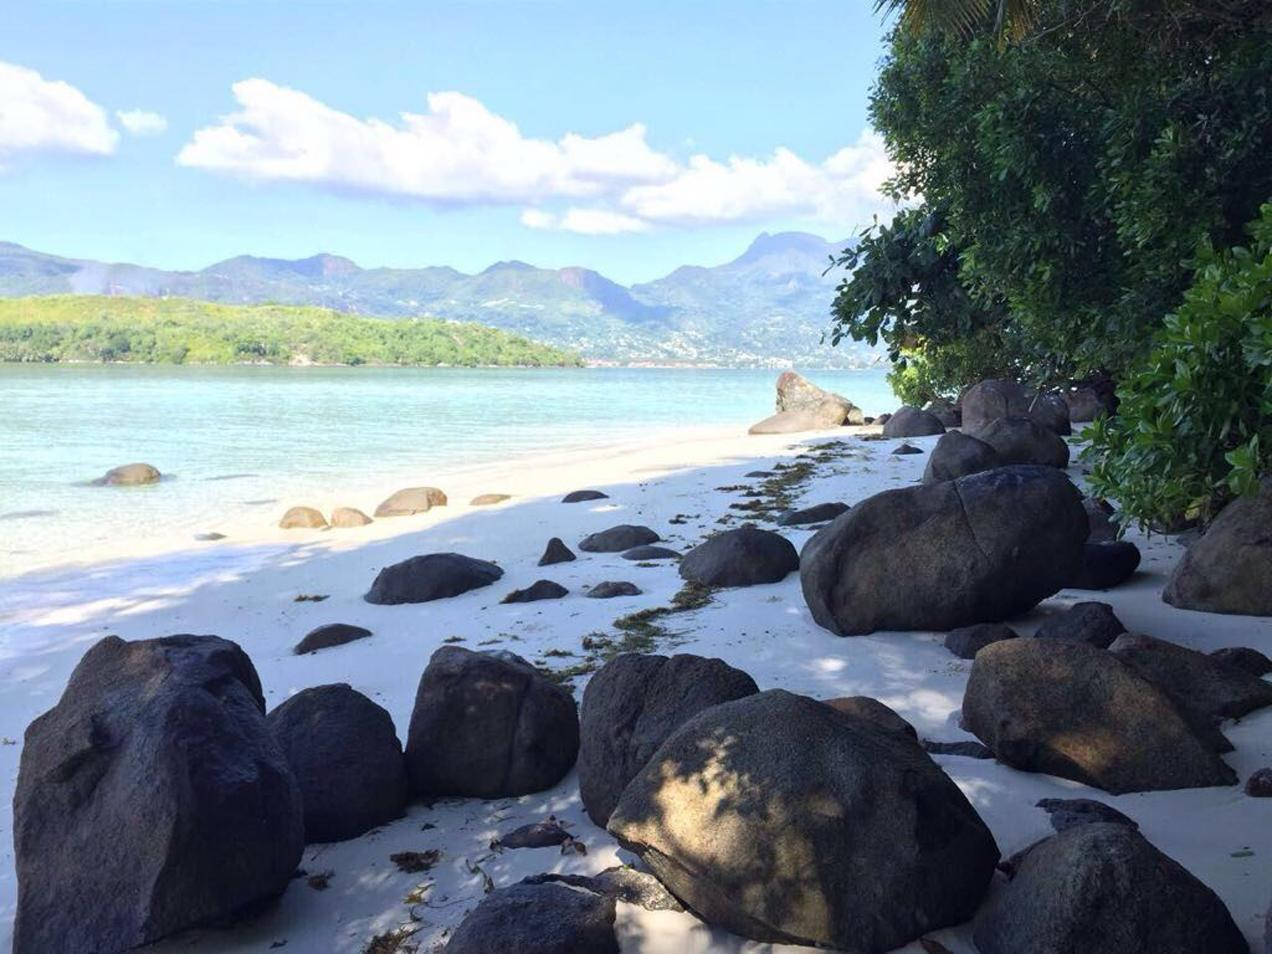 שייט לאיי סיישל עם דרך הים - מבט על החופים הקזוטיים